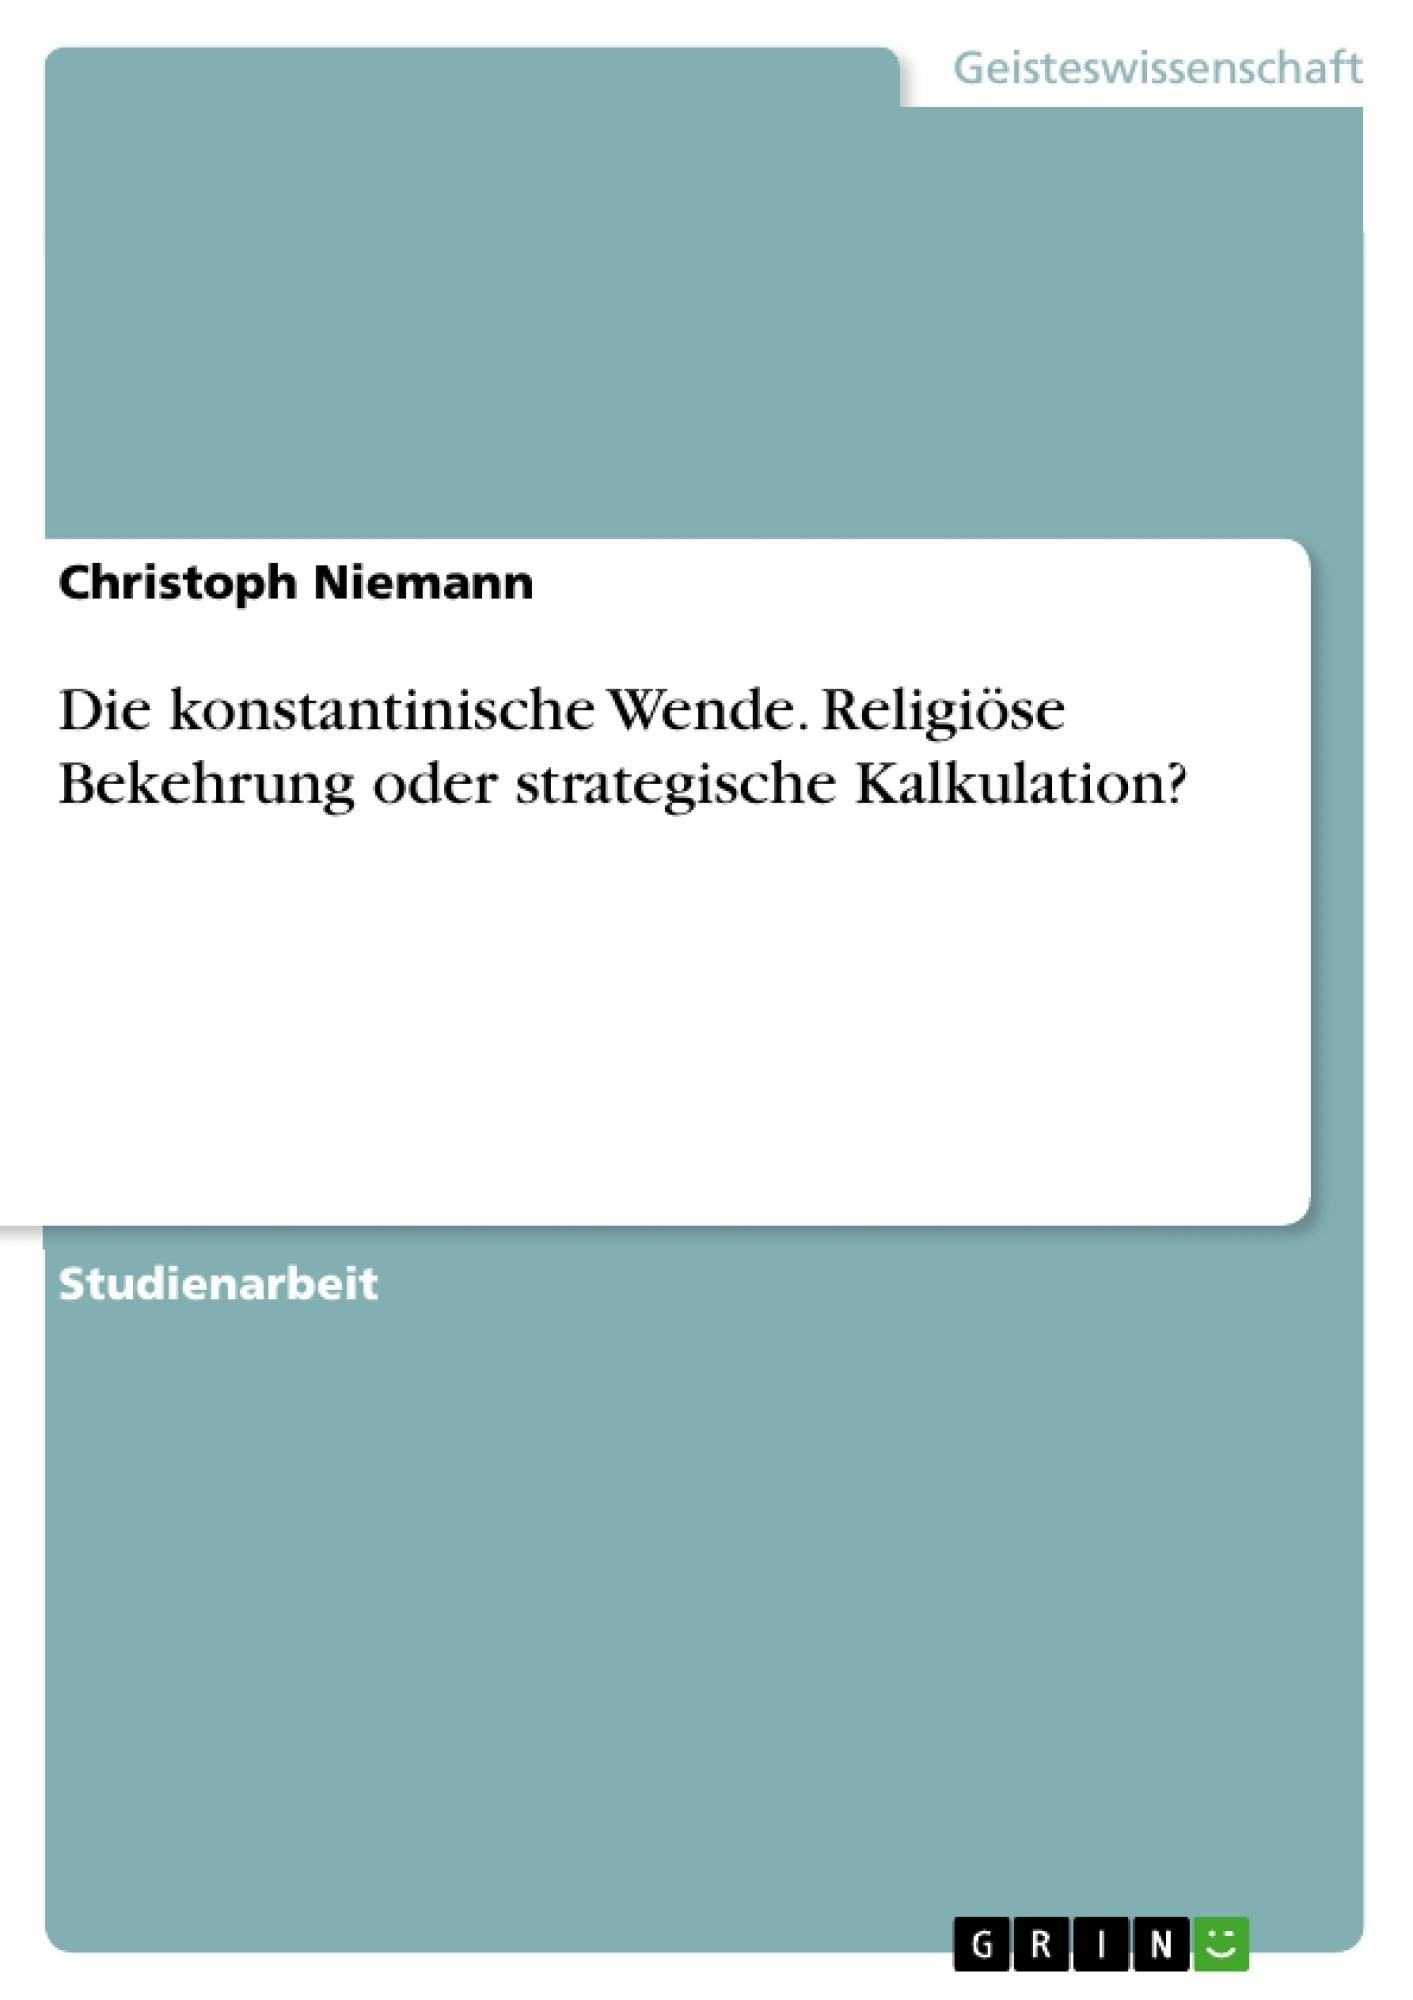 Titel: Die konstantinische Wende. Religiöse Bekehrung oder strategische Kalkulation?